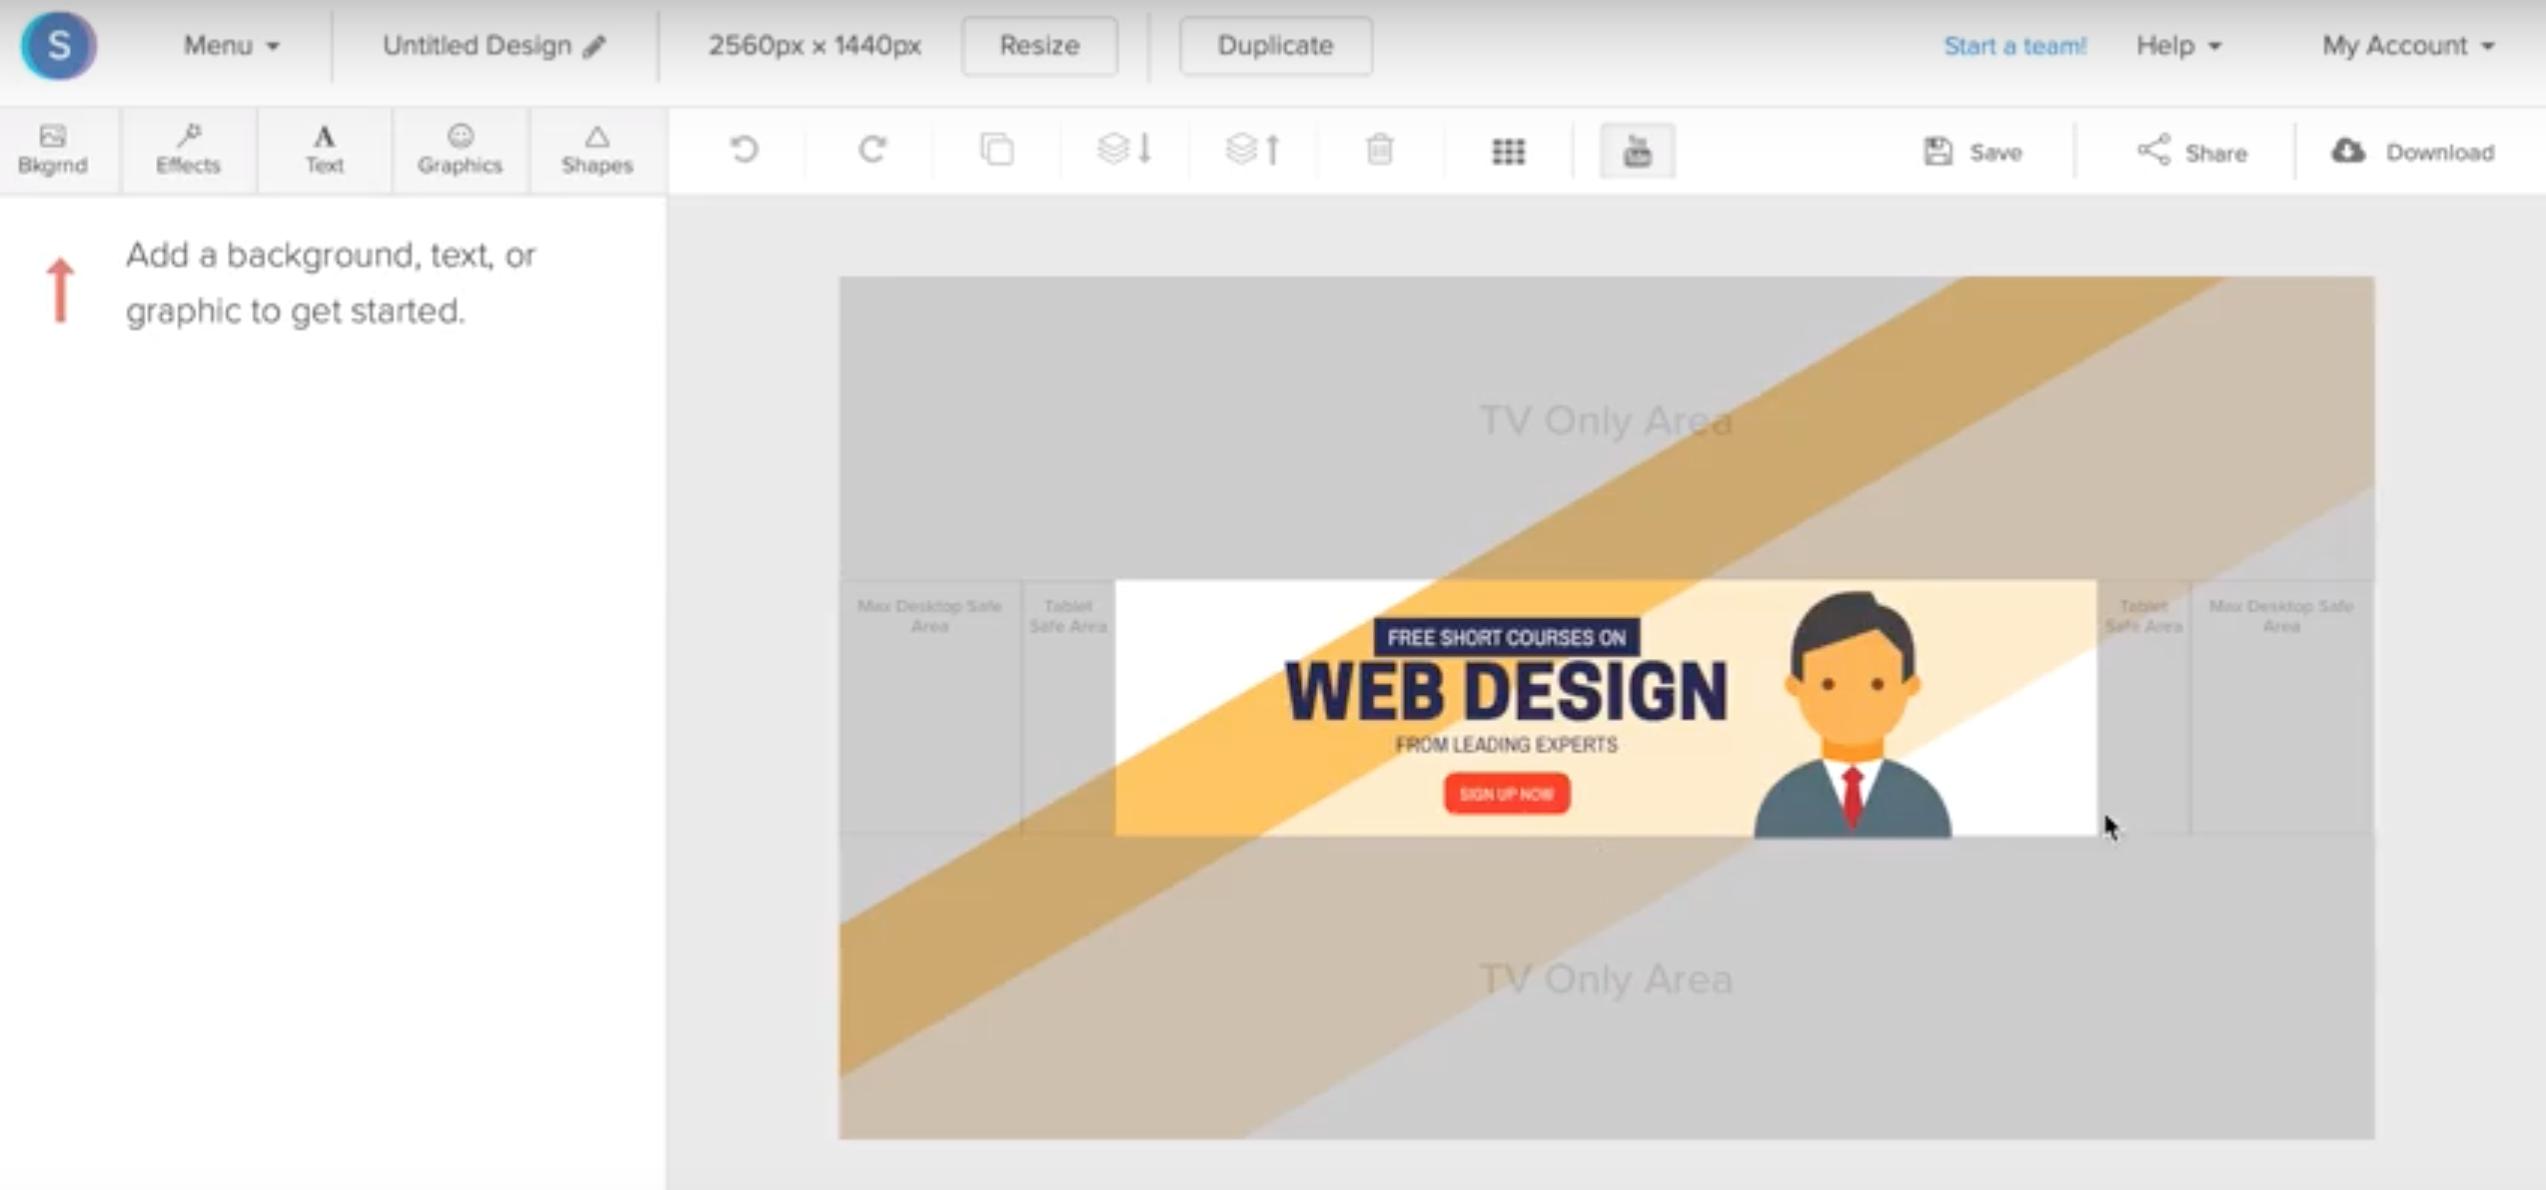 creer illustration YouTube en ligne